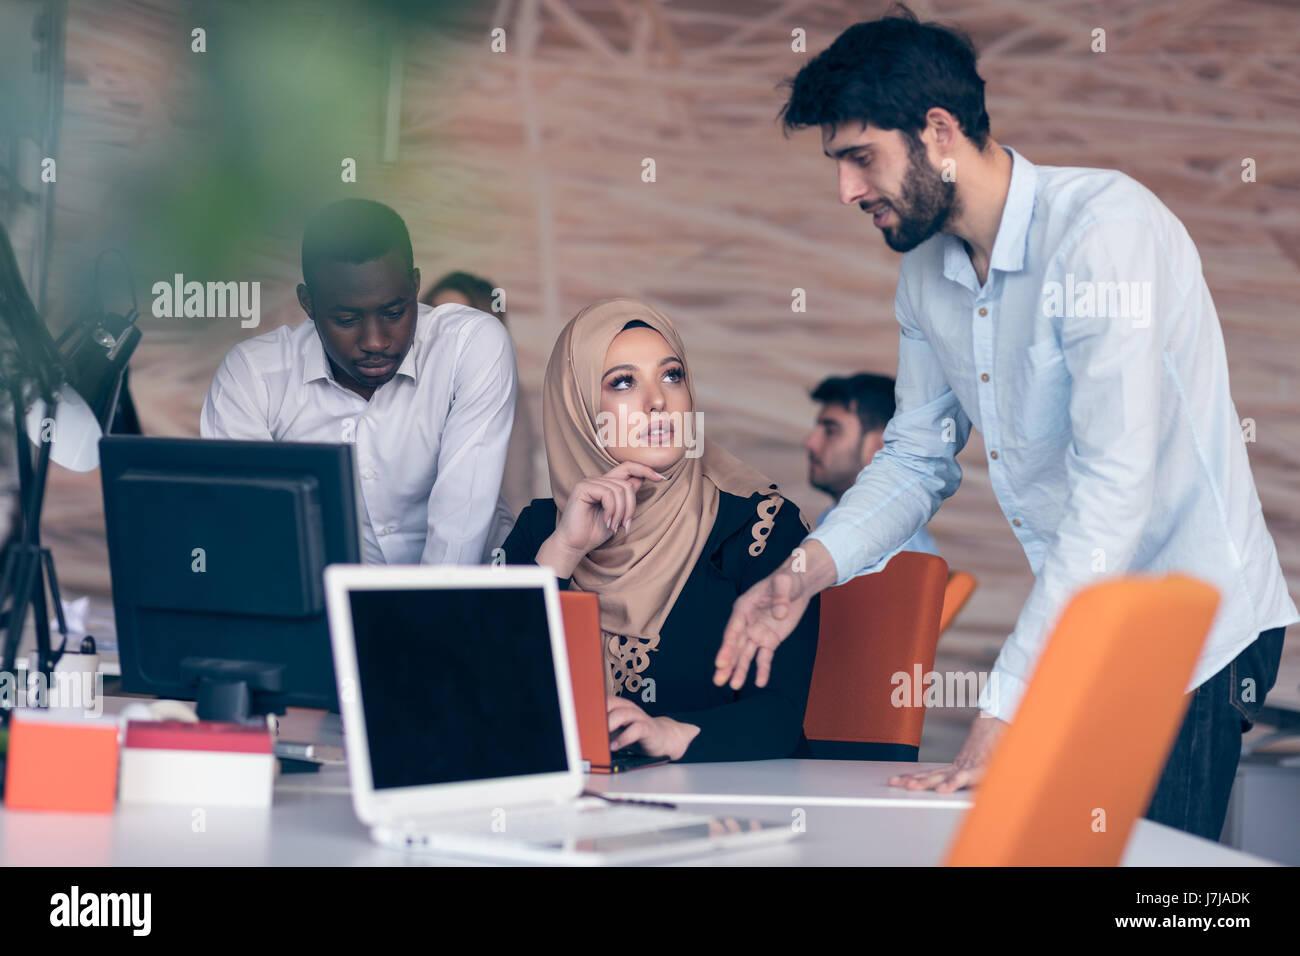 Socios de negocios multiculturales alegre trabajo en equipo Imagen De Stock